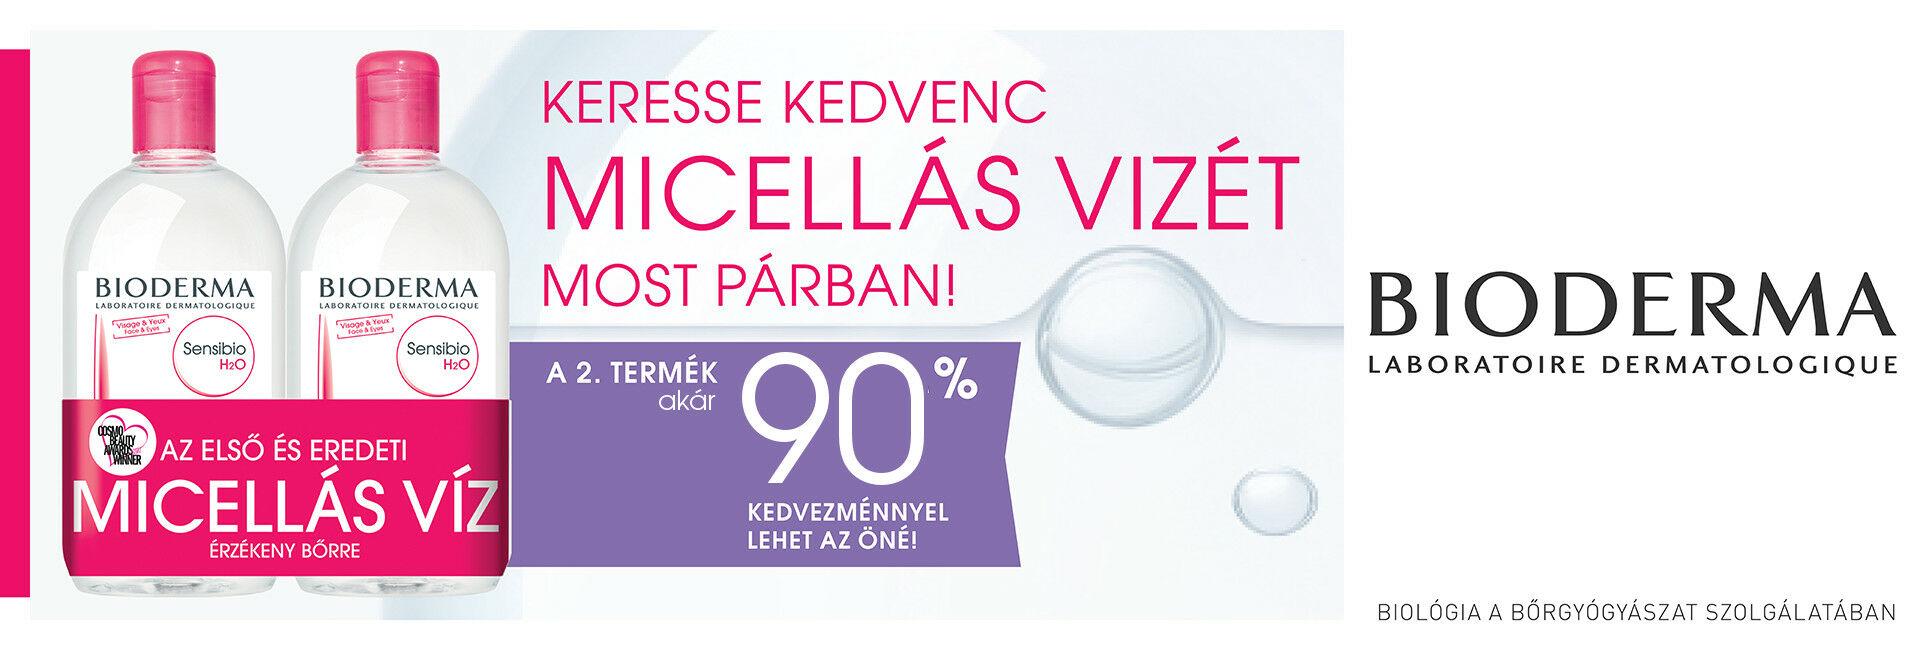 Bioderma Sensibio H2O micellafesztivál - a 2. terméket most akár 90% kedvezménnyel kínáljuk!